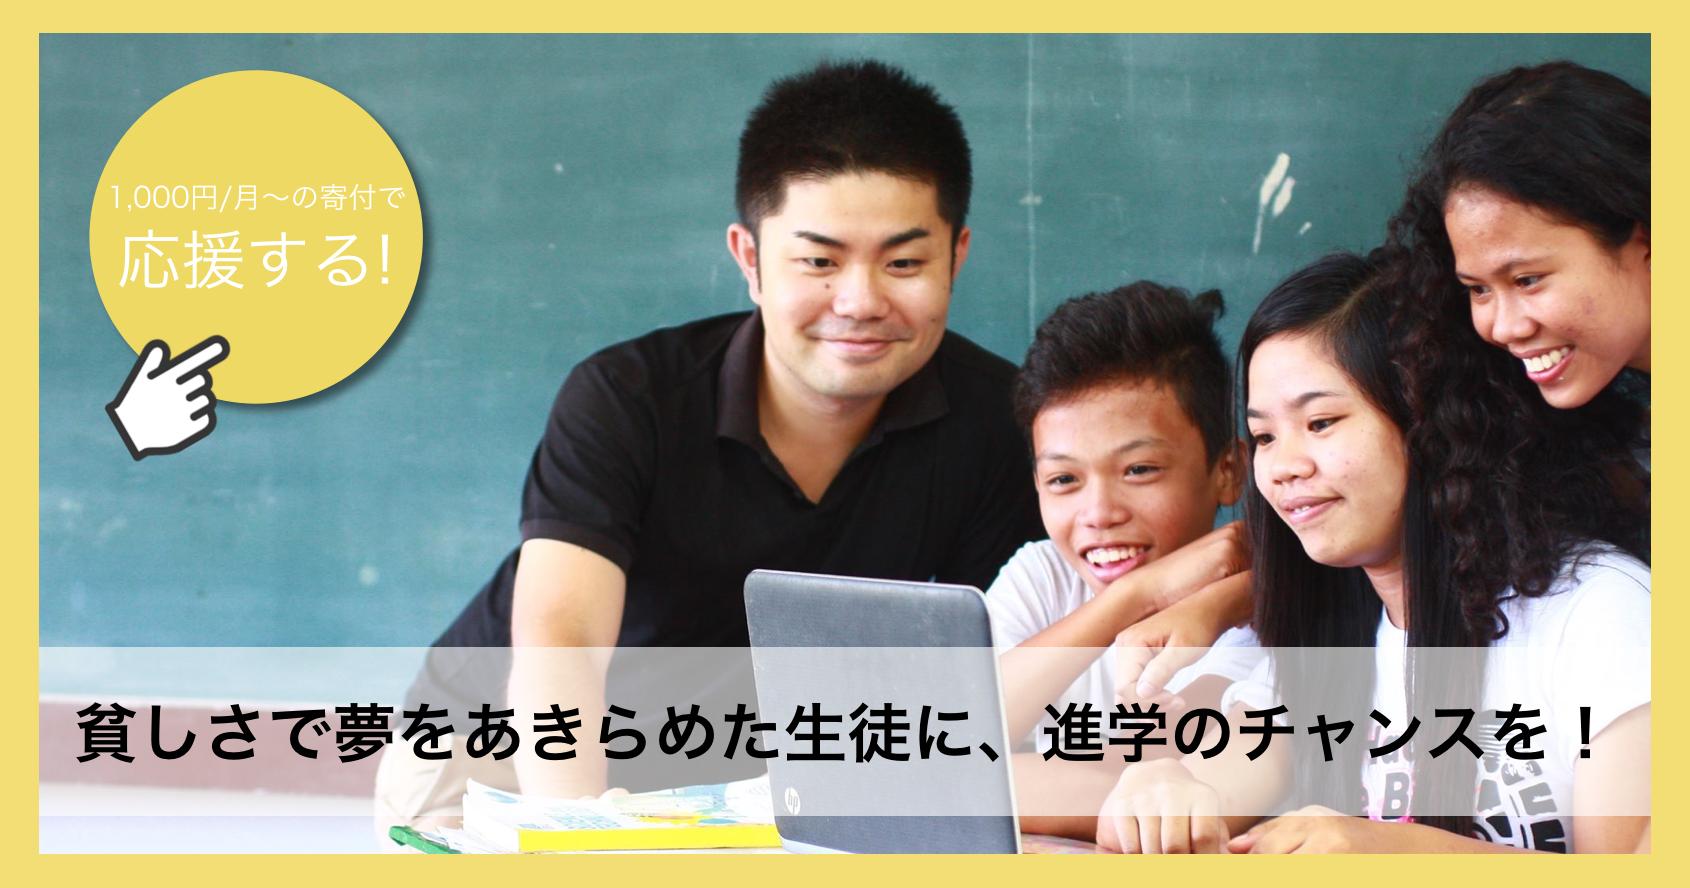 【寄付する方法】e-Educationの活動を継続的にサポートしてくれる方を探しています